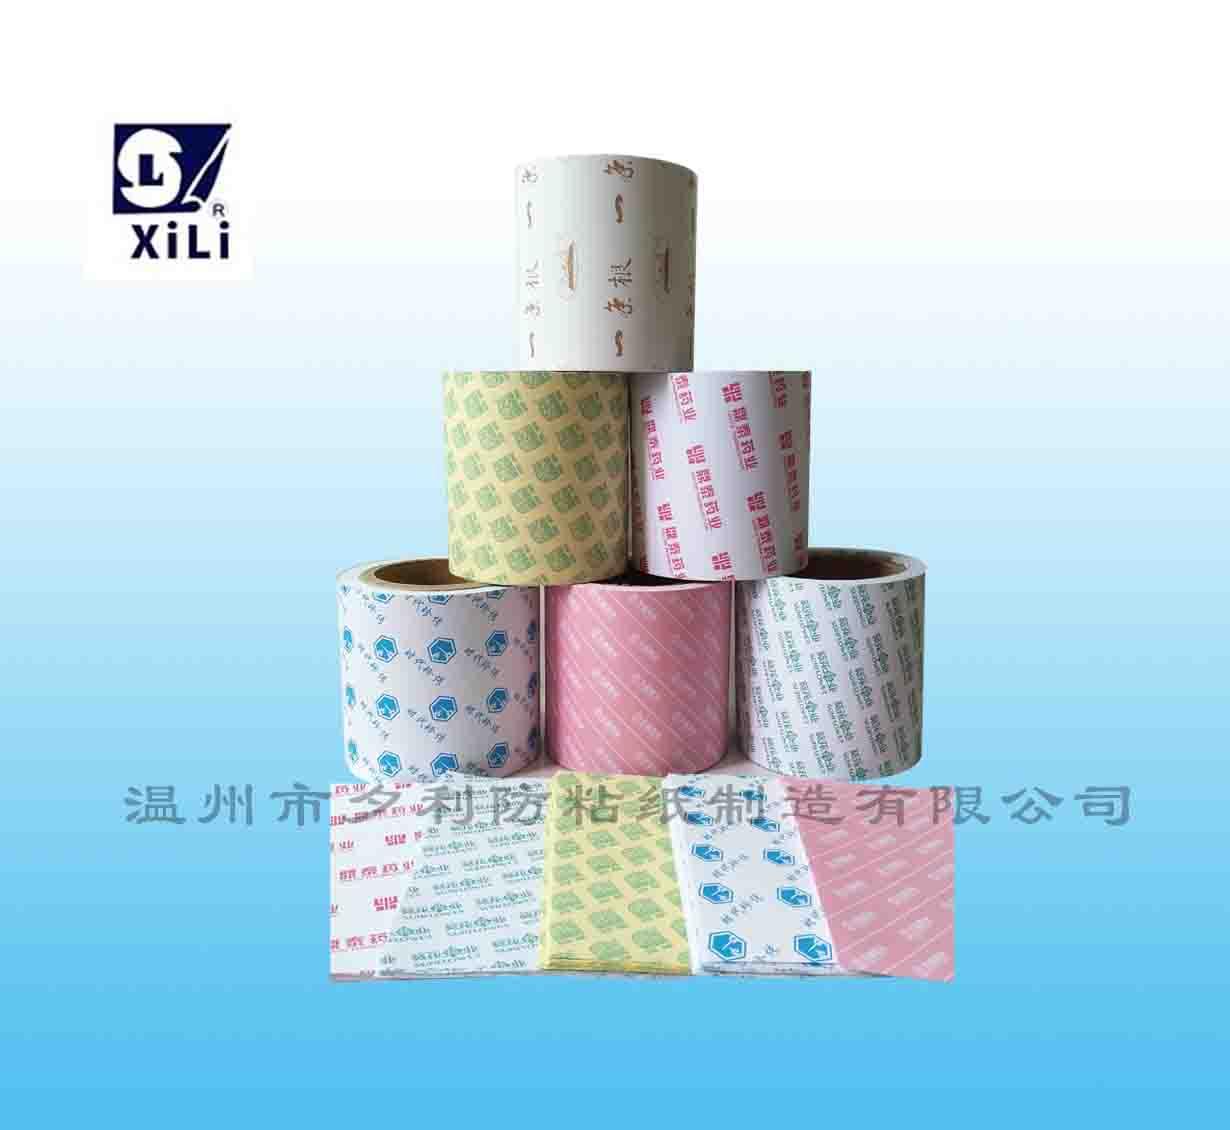 温州夕利公司供应价位合理的离型纸|格拉辛离型纸